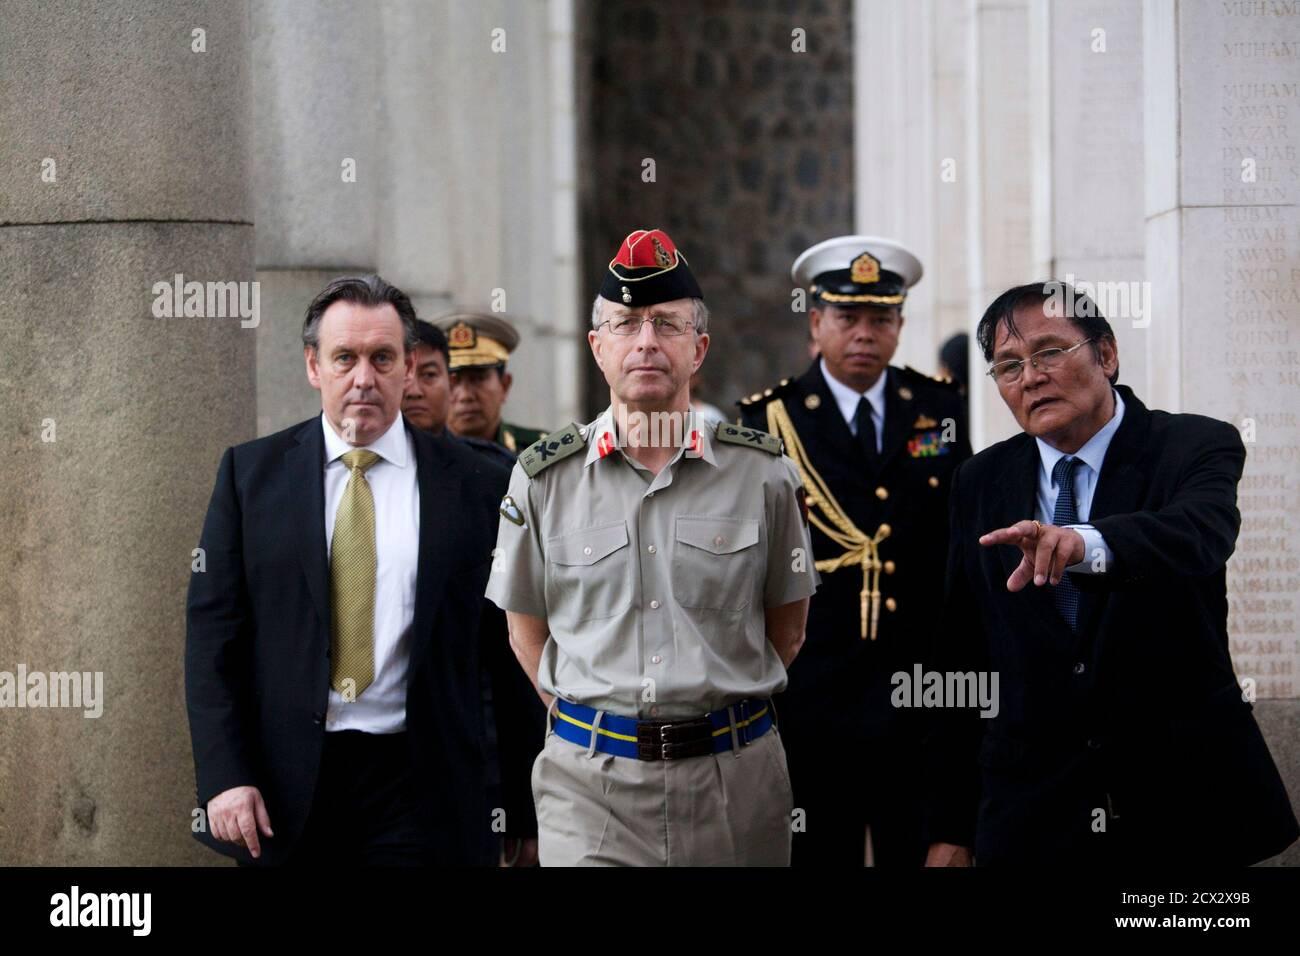 Le chef d'état-major de la Défense britannique, le général David Richards (C), visite le cimetière de guerre de Taukkyan à la périphérie de Yangon, le 4 juin 2013. Le cimetière est un monument commémoratif pour les soldats du Commonwealth qui sont morts en Birmanie, aujourd'hui connu sous le nom de Myanmar, pendant la deuxième Guerre mondiale. REUTERS/Minzayar (MYANMAR - Tags: CONFLIT POLITIQUE MILITAIRE) Banque D'Images